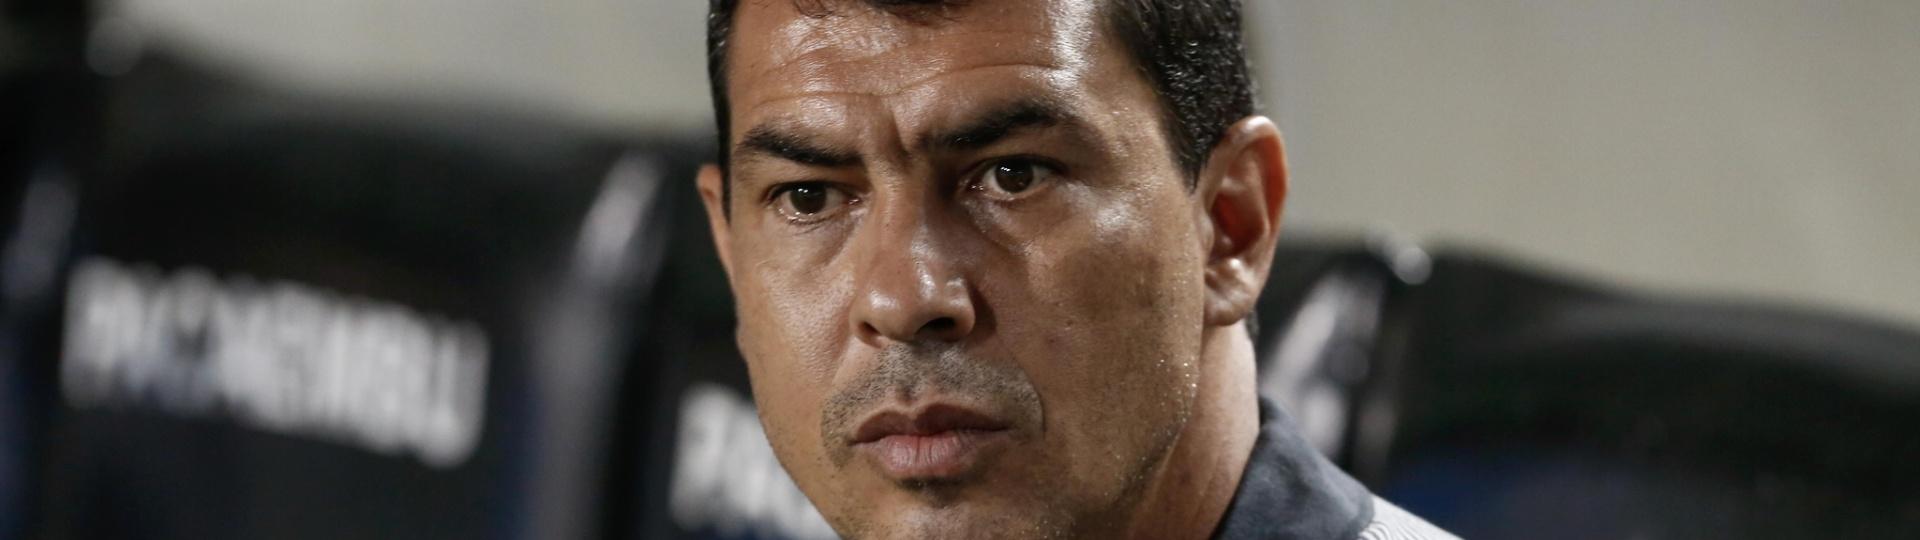 O técnico Fabio Carille acompanha o jogo entre Corinthians e Ponte Preta